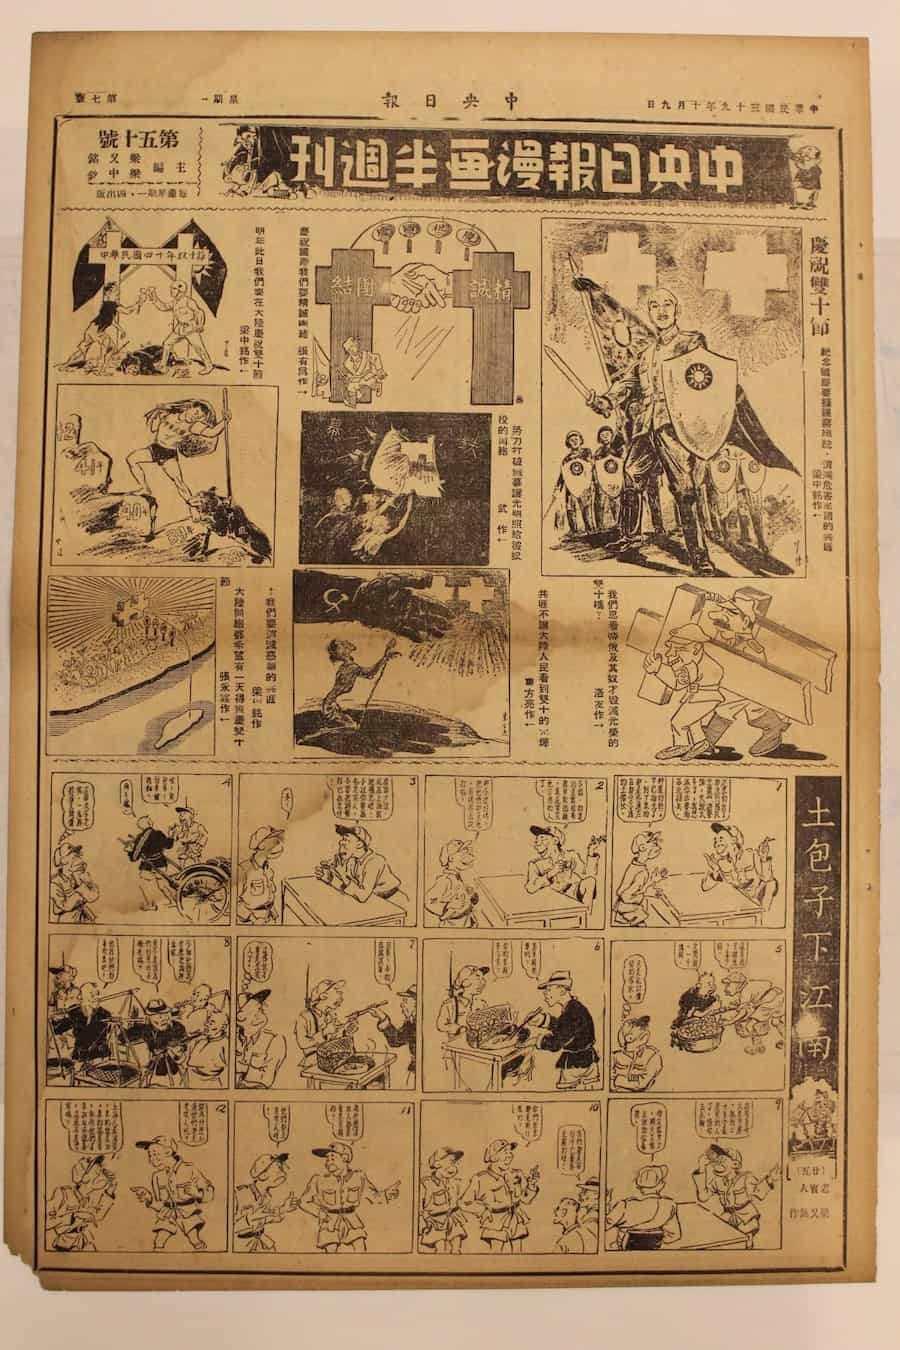 1950年代《中央日報》漫畫半週刊,梁中銘所繪擁護領袖蔣總統的漫畫。